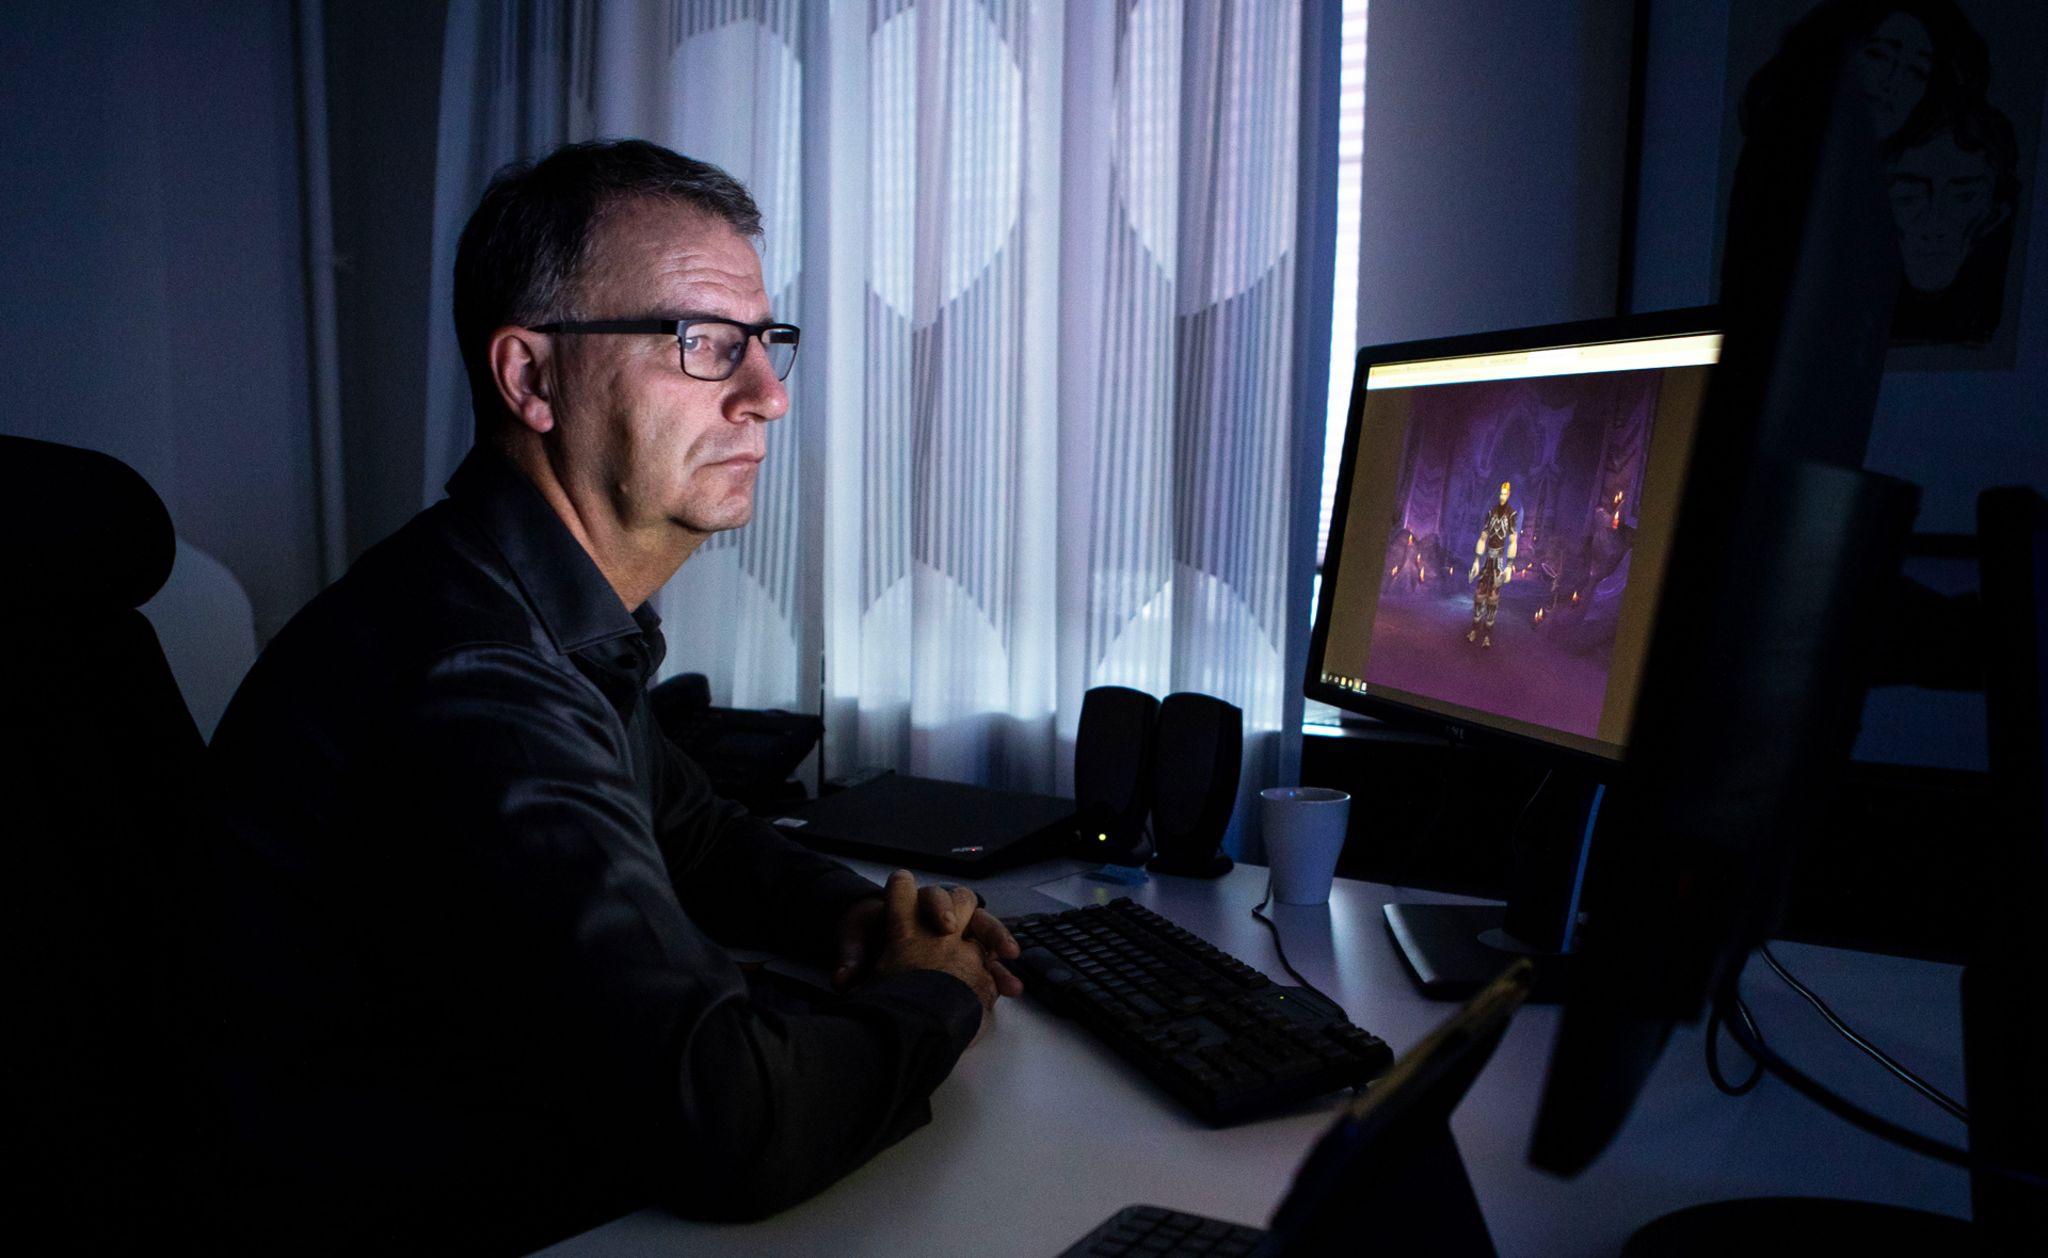 Robert Steen views World of Warcraft